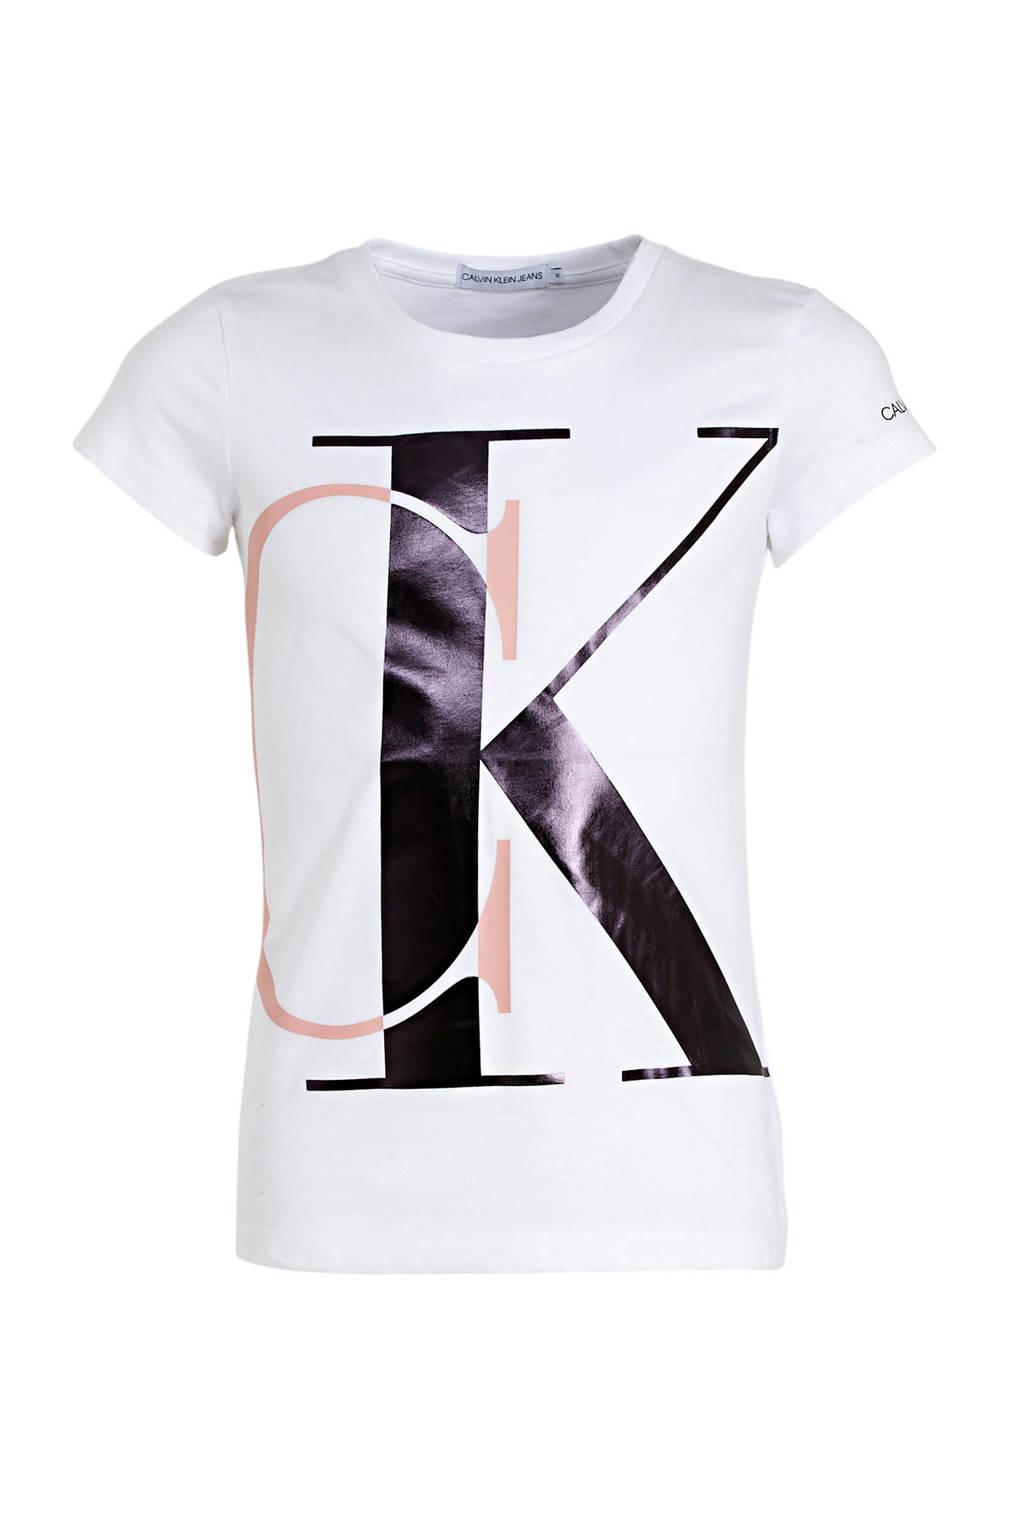 CALVIN KLEIN JEANS T-shirt van biologisch katoen wit/roze/zwart, Wit/roze/zwart